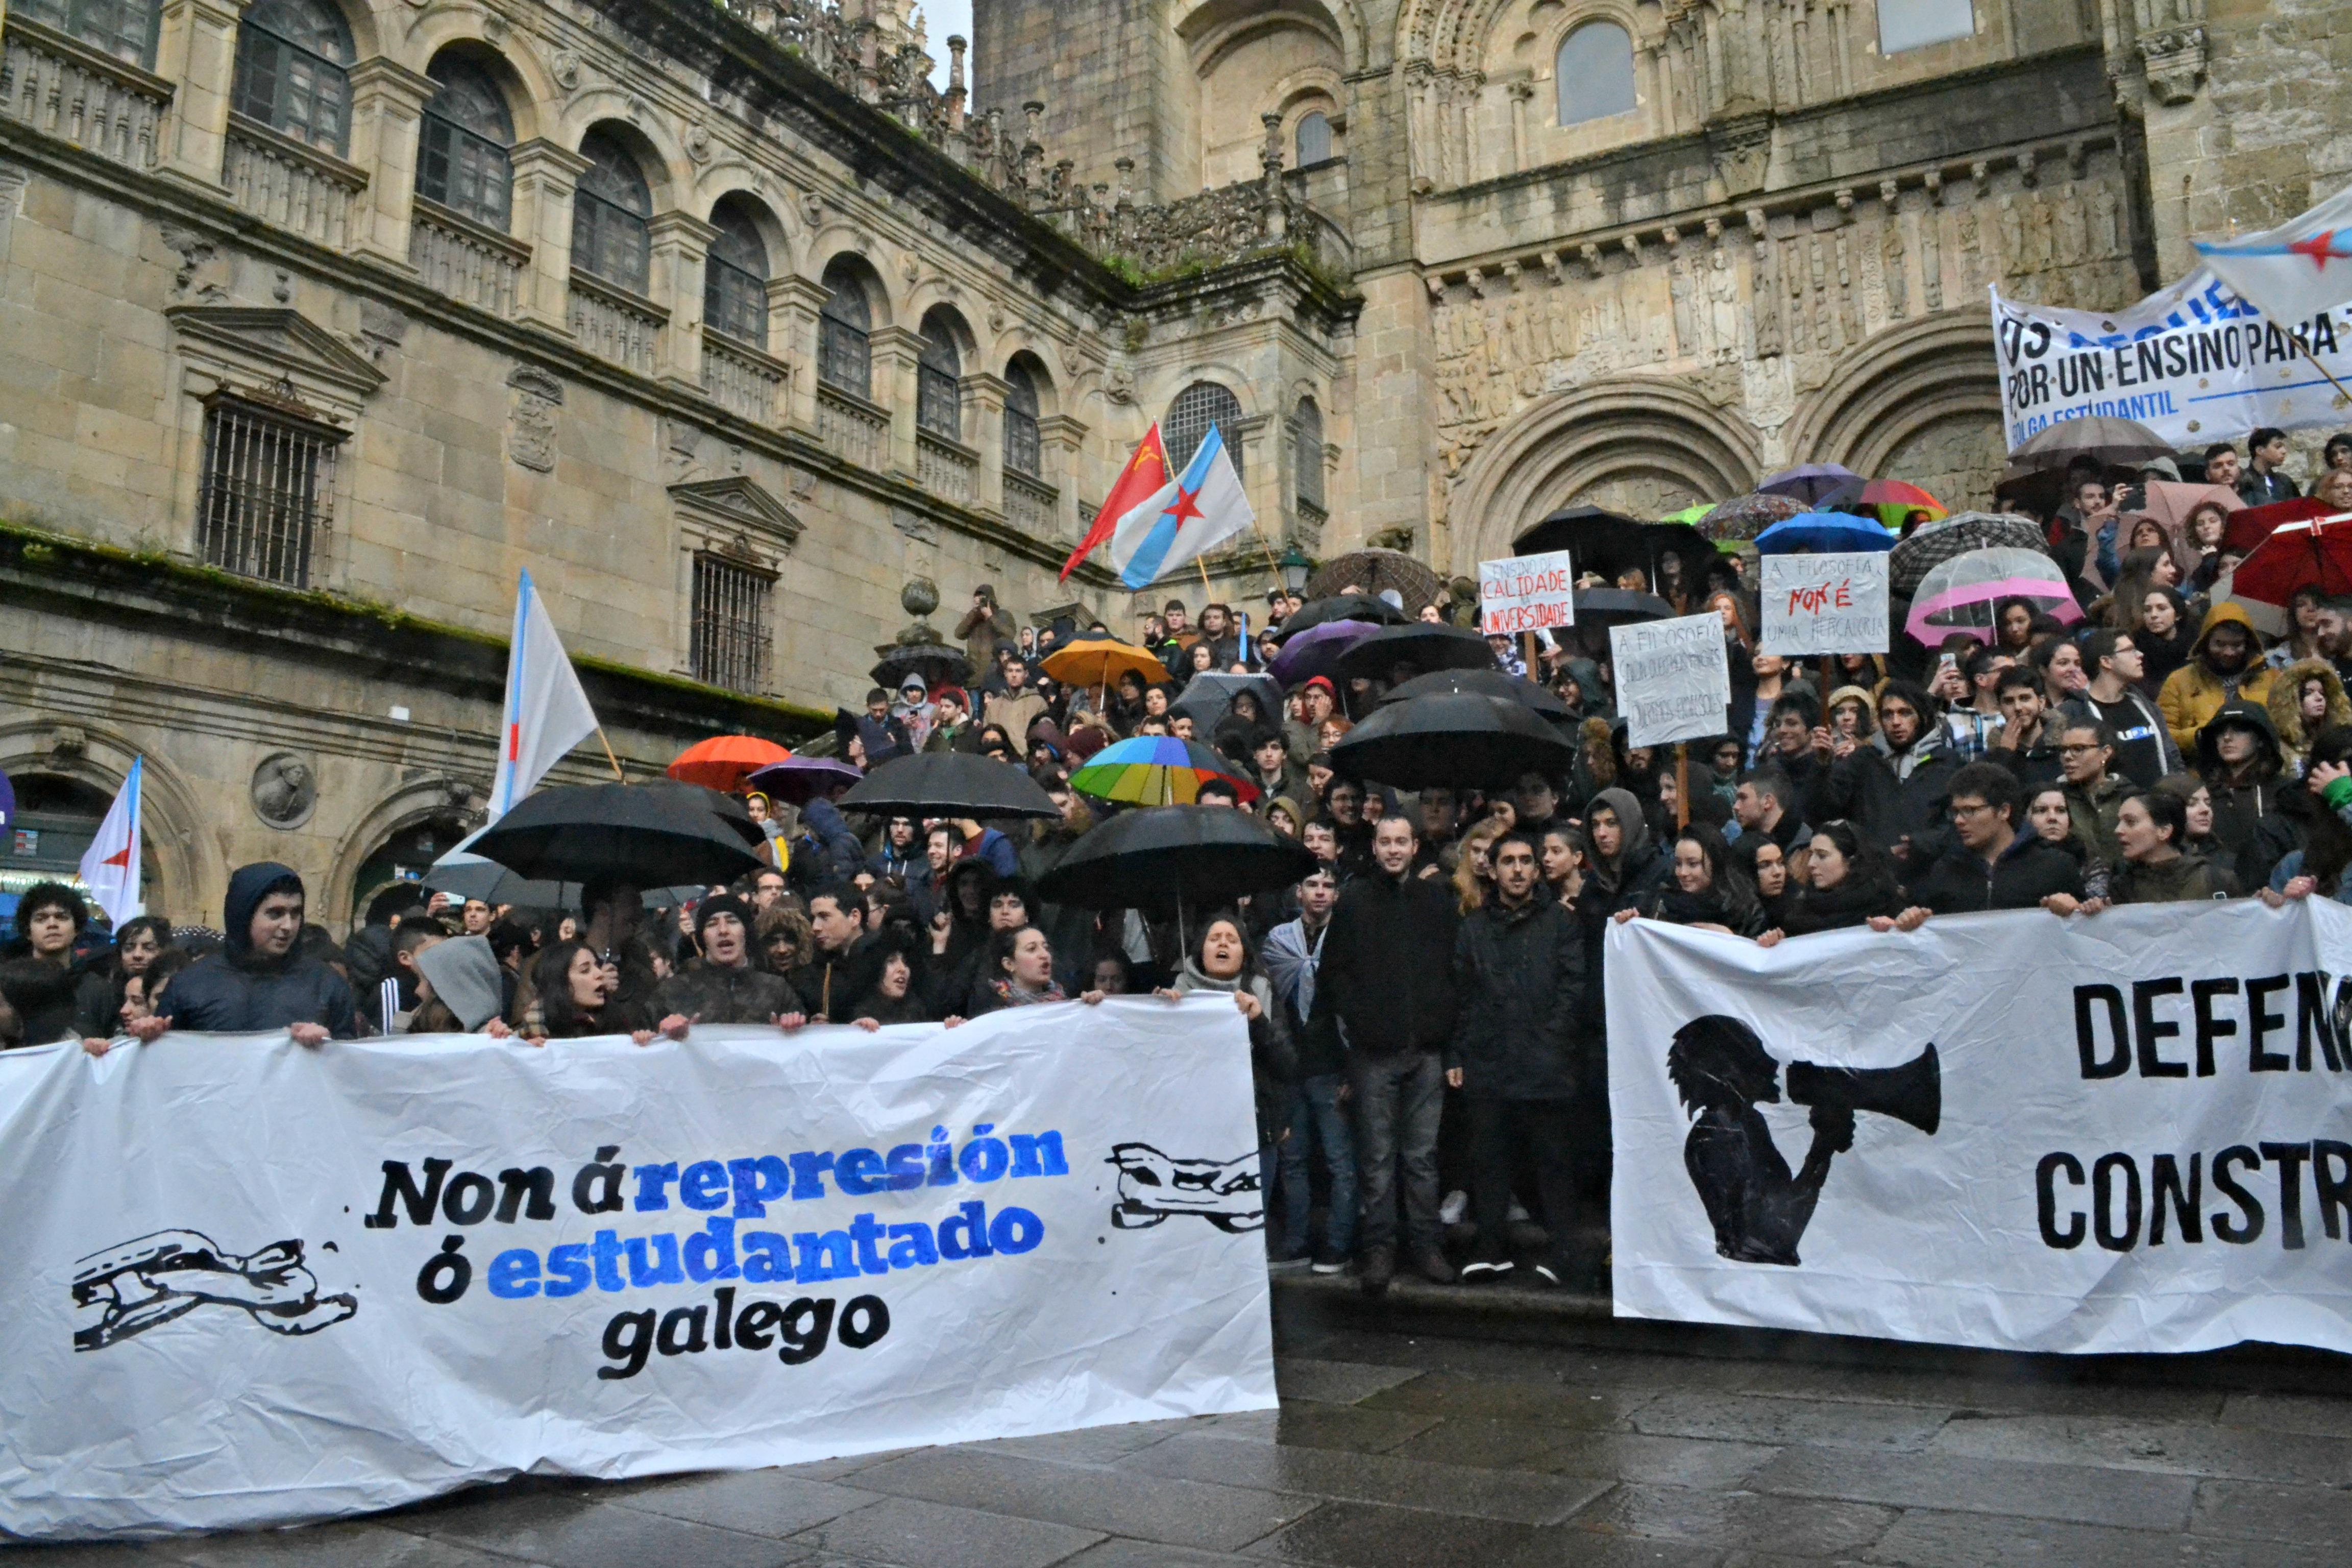 Praterías foi o punto final da manifestación | ©Andrea Oca